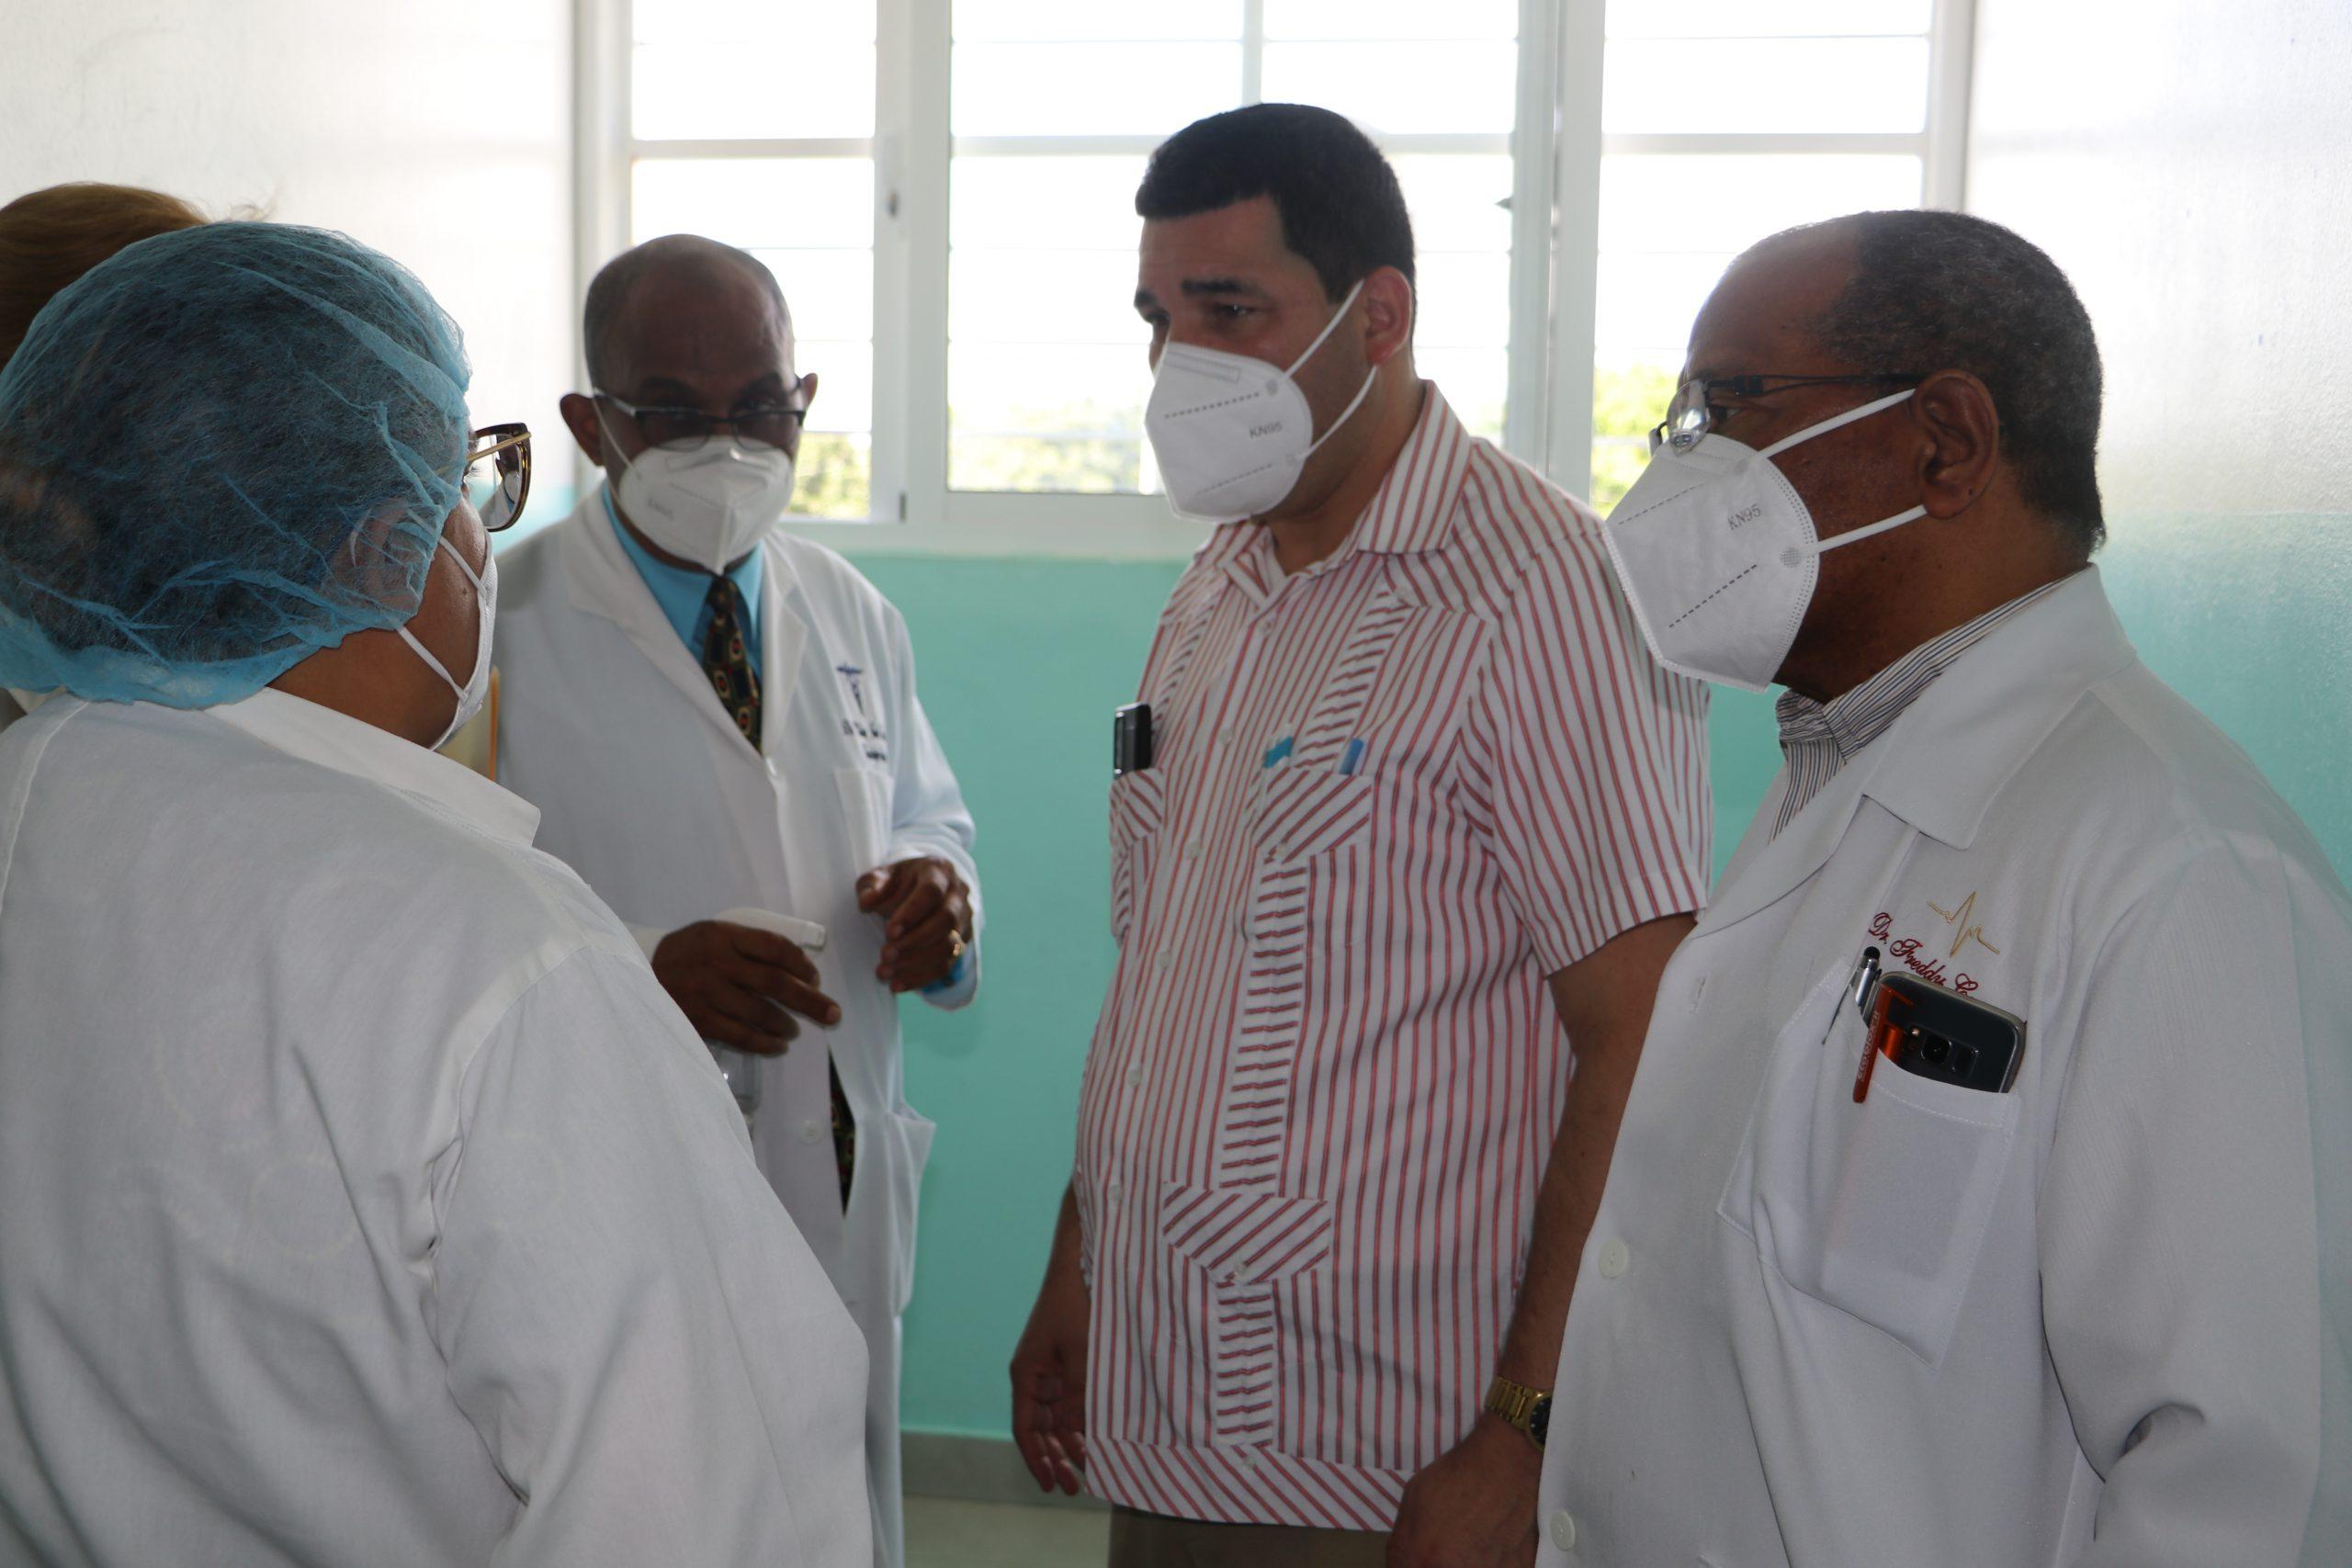 El Doctor Ramón Rodríguez, Director del Servicio Regional de Salud Cibao SRS CIBAO OCCIDENTAL SUPERVISA ÁREA  COVID-19 HOSPITAL SANTIAGO RODRÍGUEZ